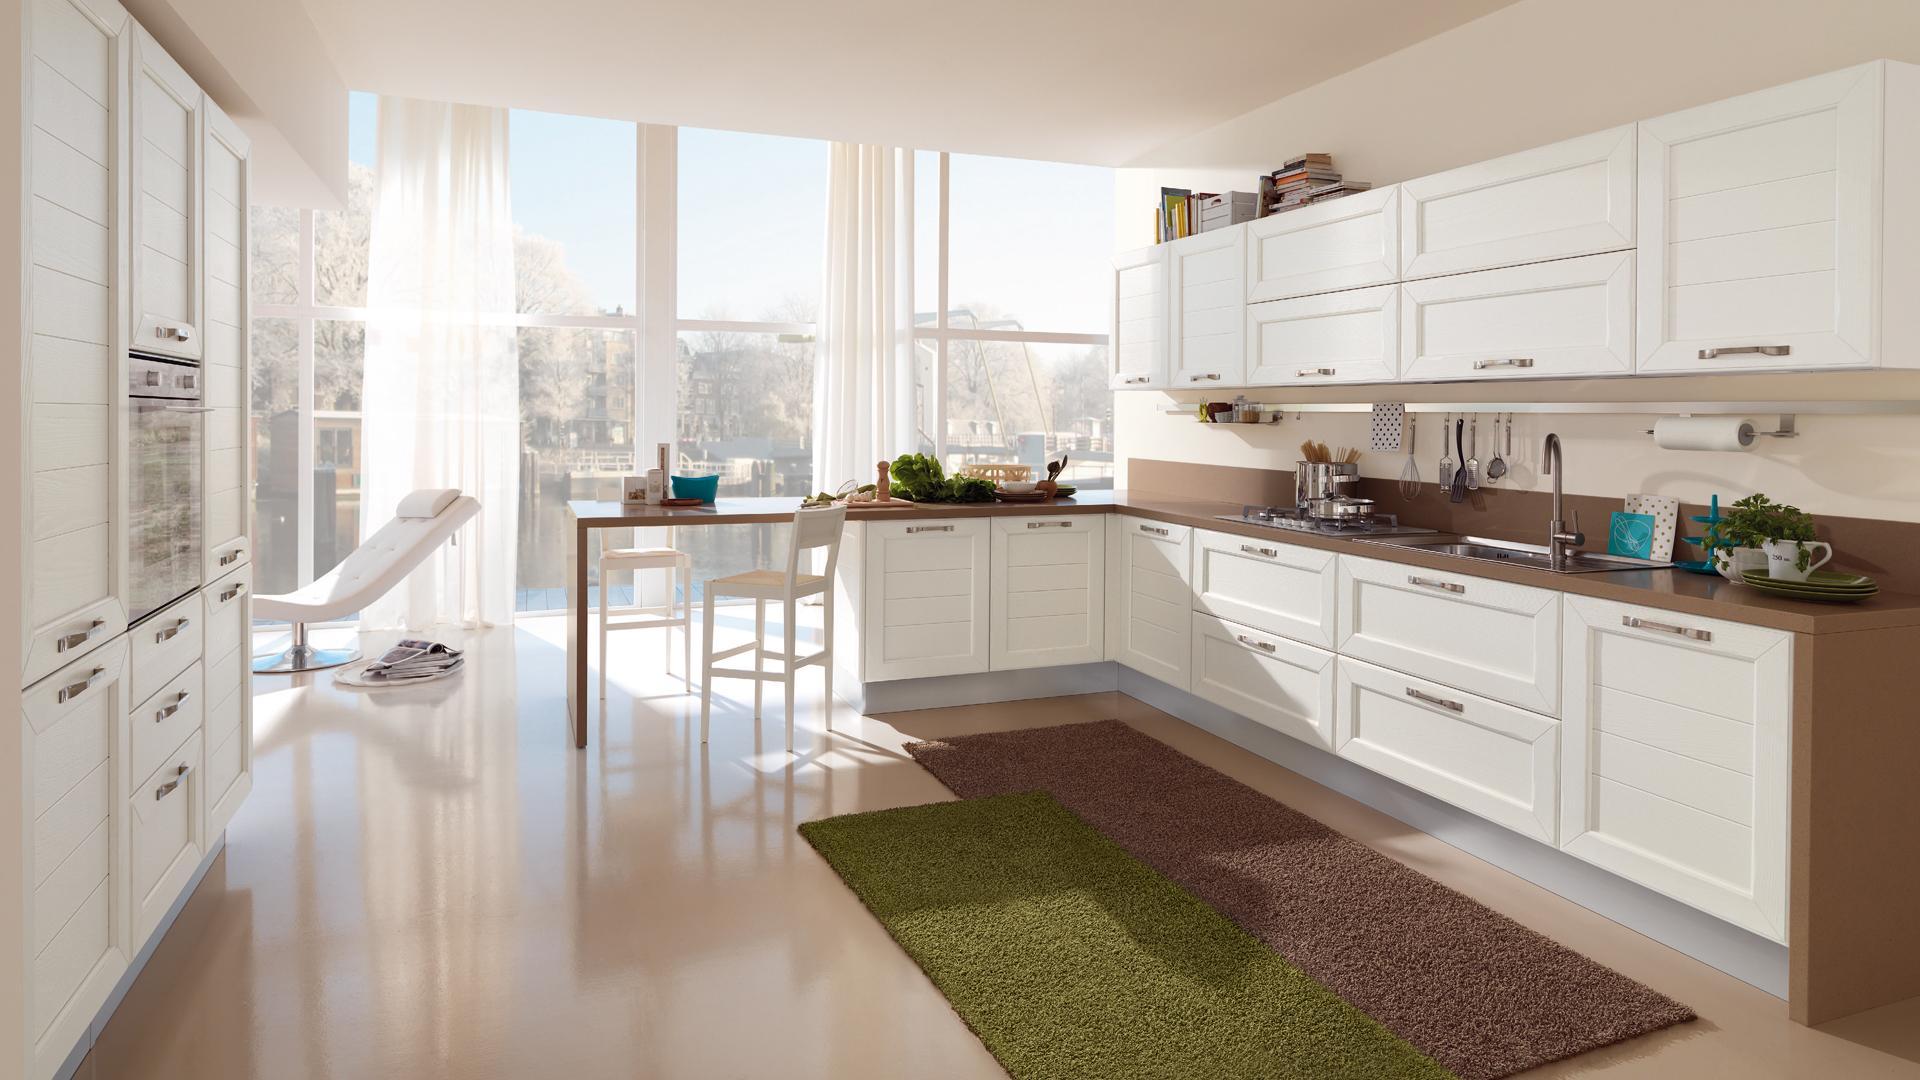 Cucine lube ad angolo i suggerimenti per arredare lube for Cucine stile contemporaneo